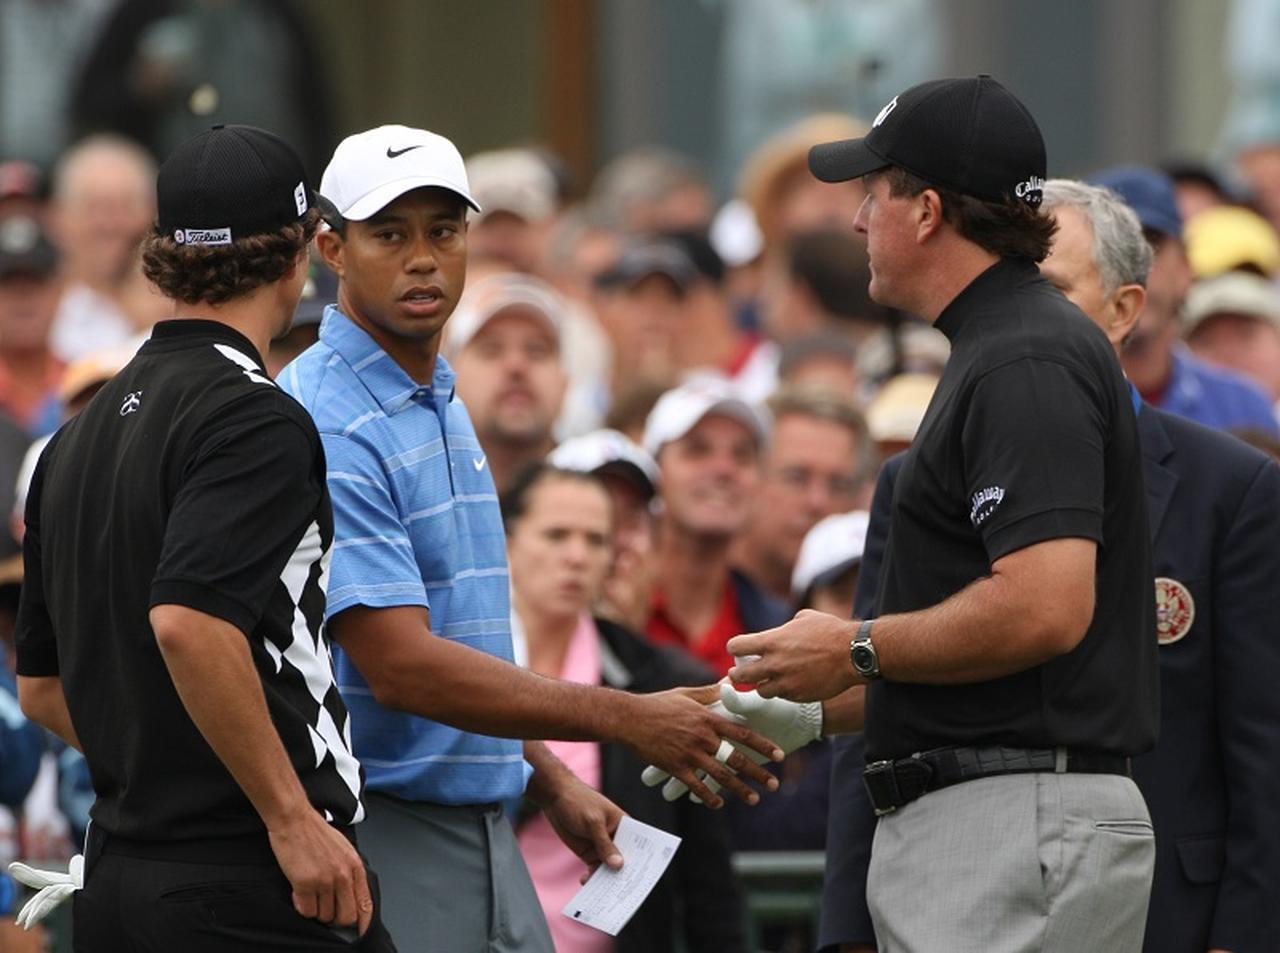 画像: かつては目も合わせなかった!? タイガーとミケルソン、不仲説の真相 - みんなのゴルフダイジェスト